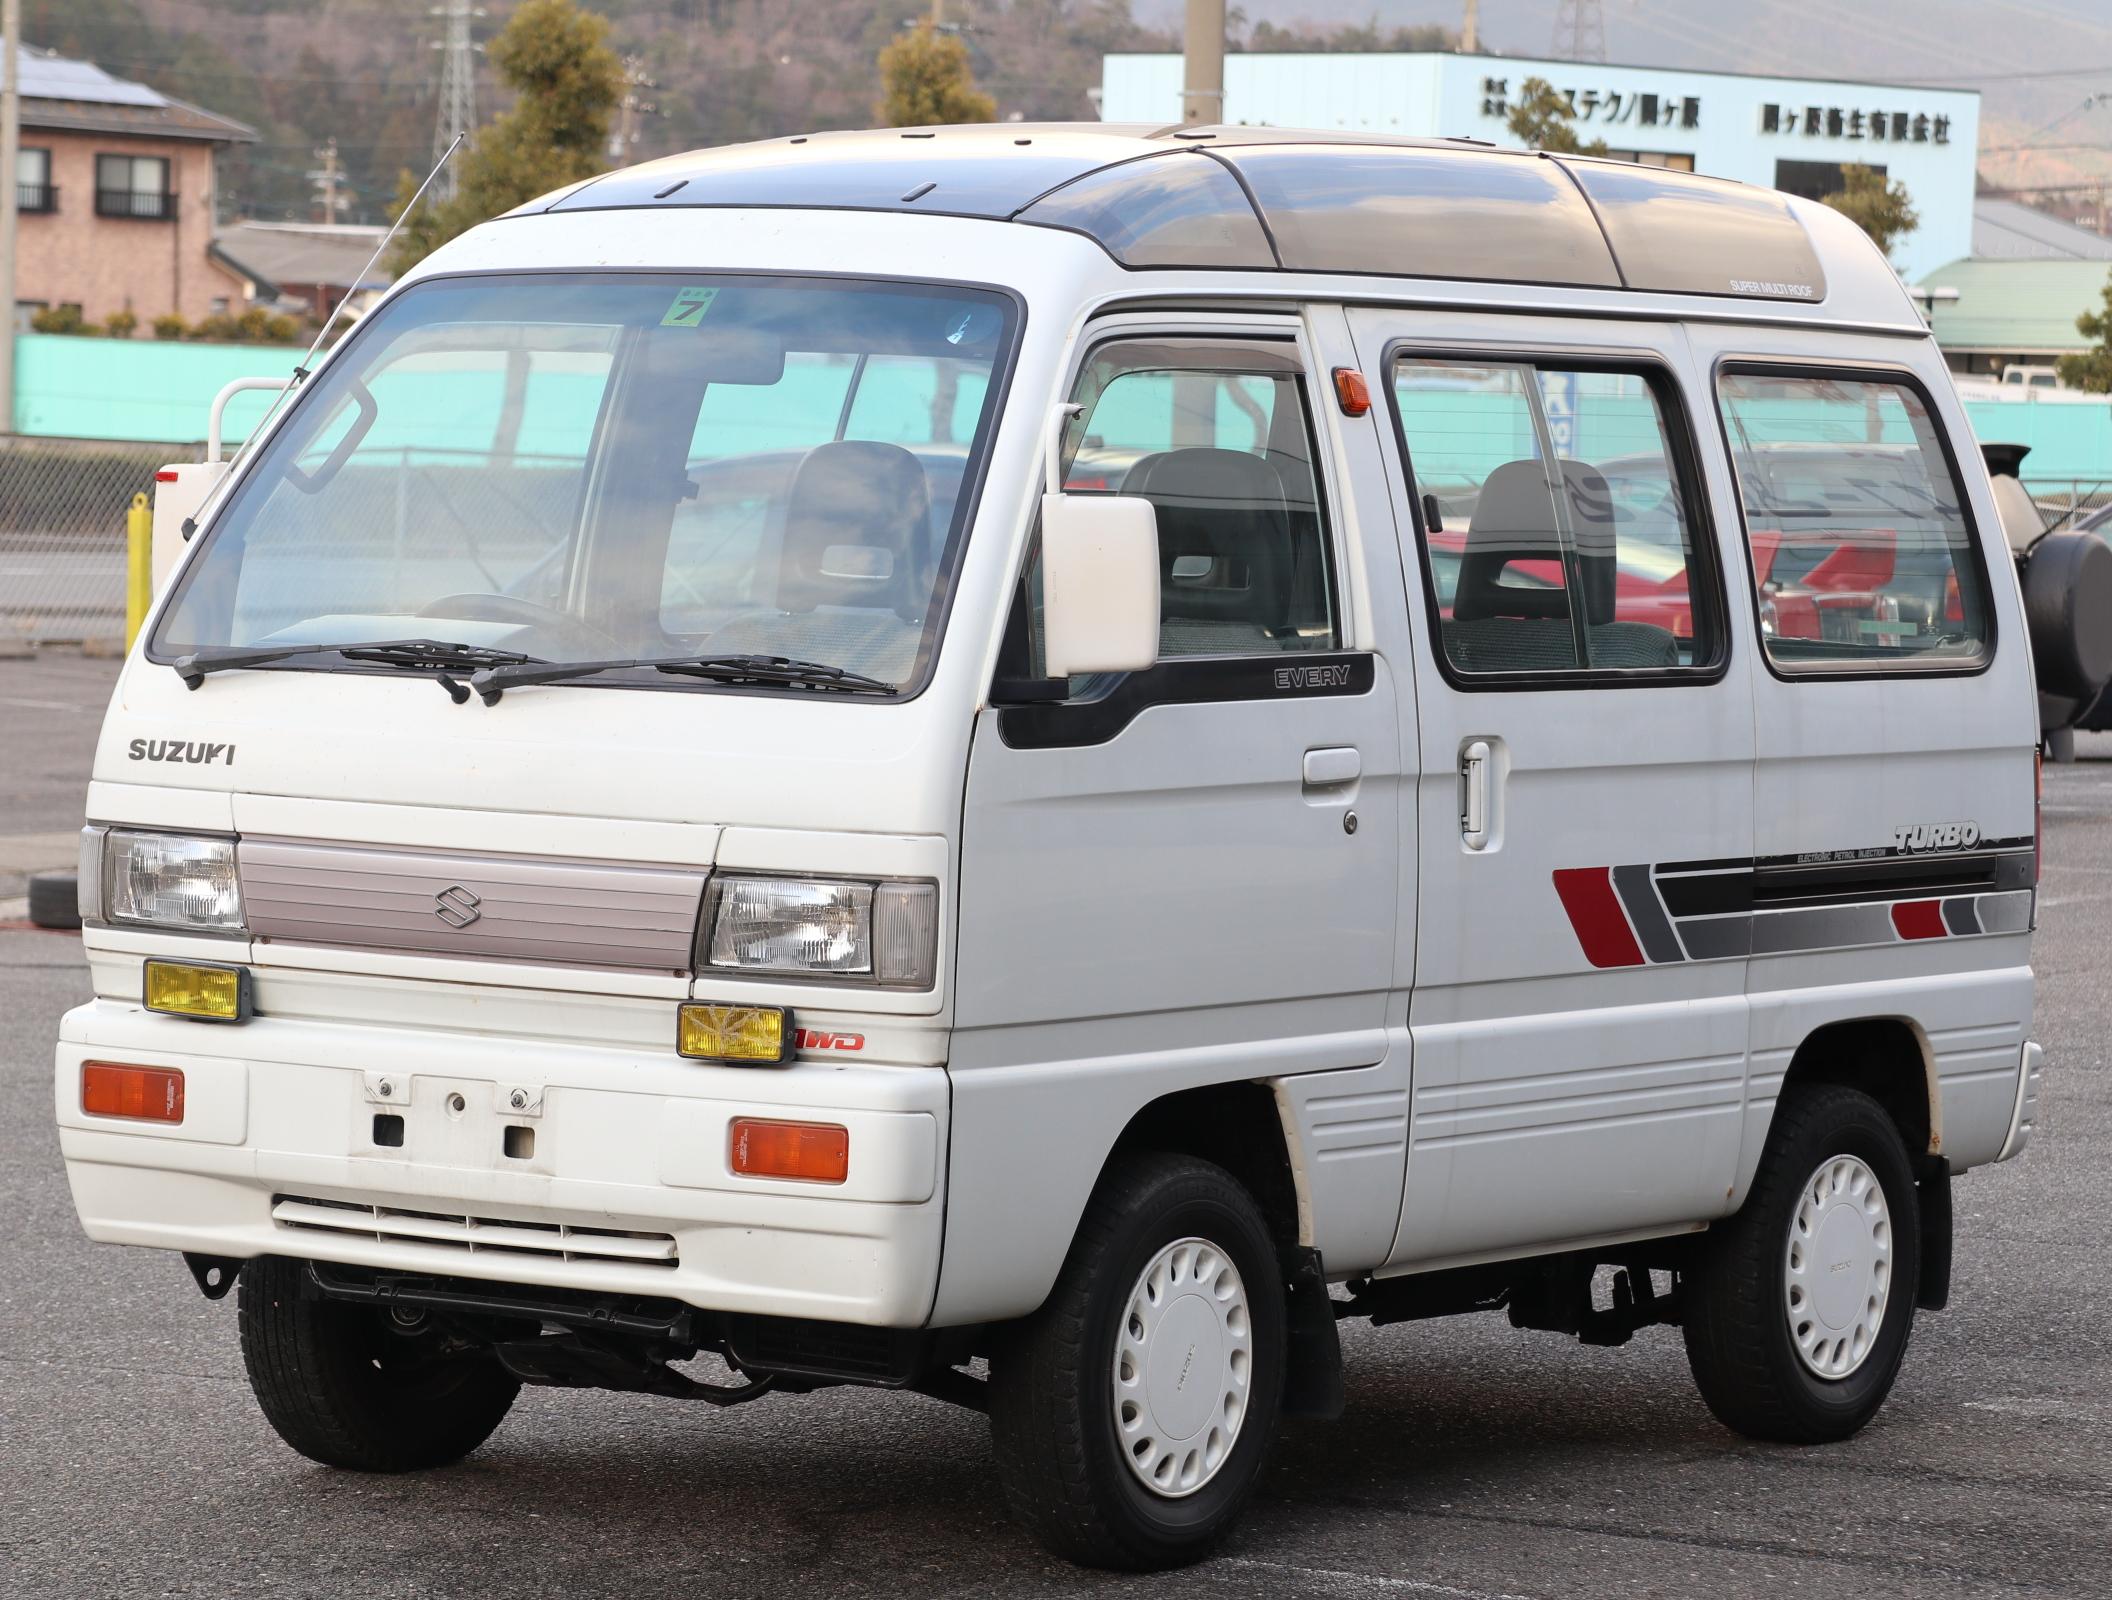 スズキ エブリィ 550ターボRXスーパーマルチルーフ 4WD